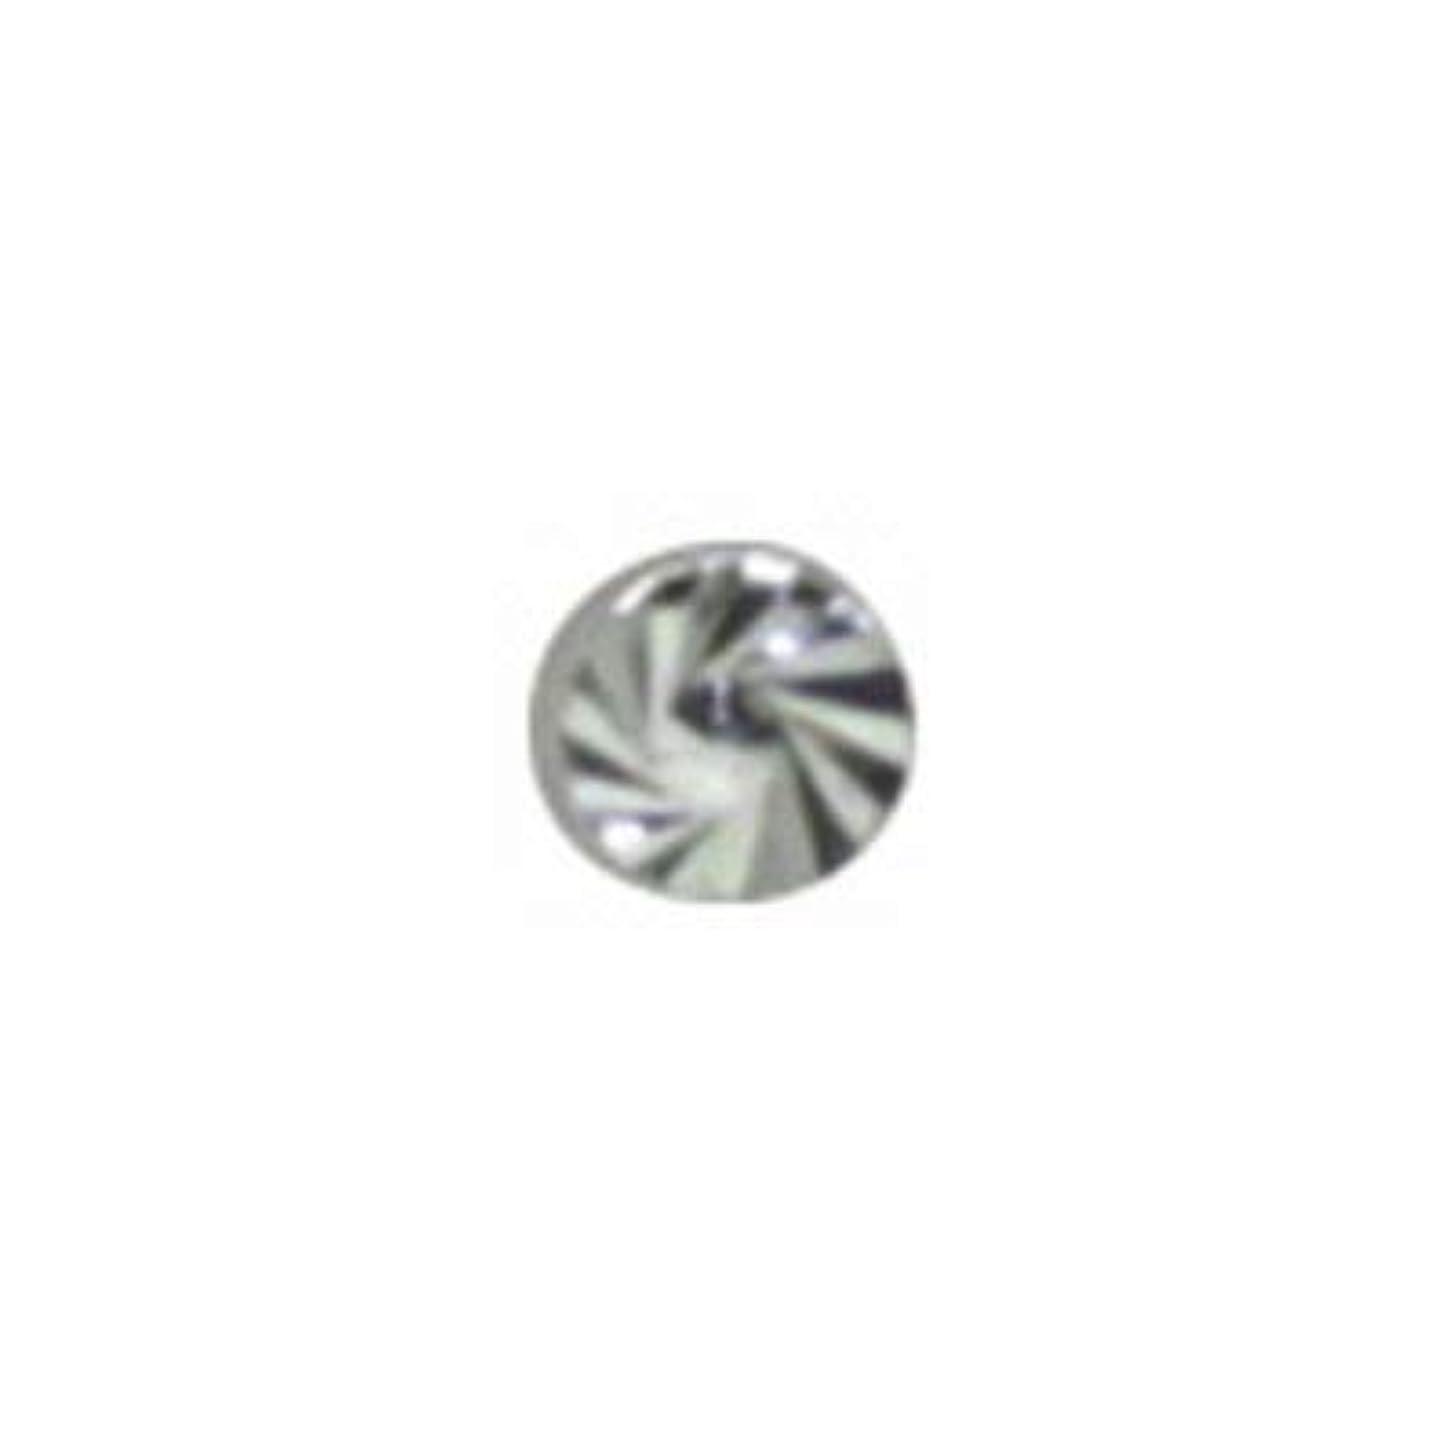 人種悪行レガシーSHAREYDVA ネイルパーツ サンシャインスタッズ シルバー 1.8mm 20P